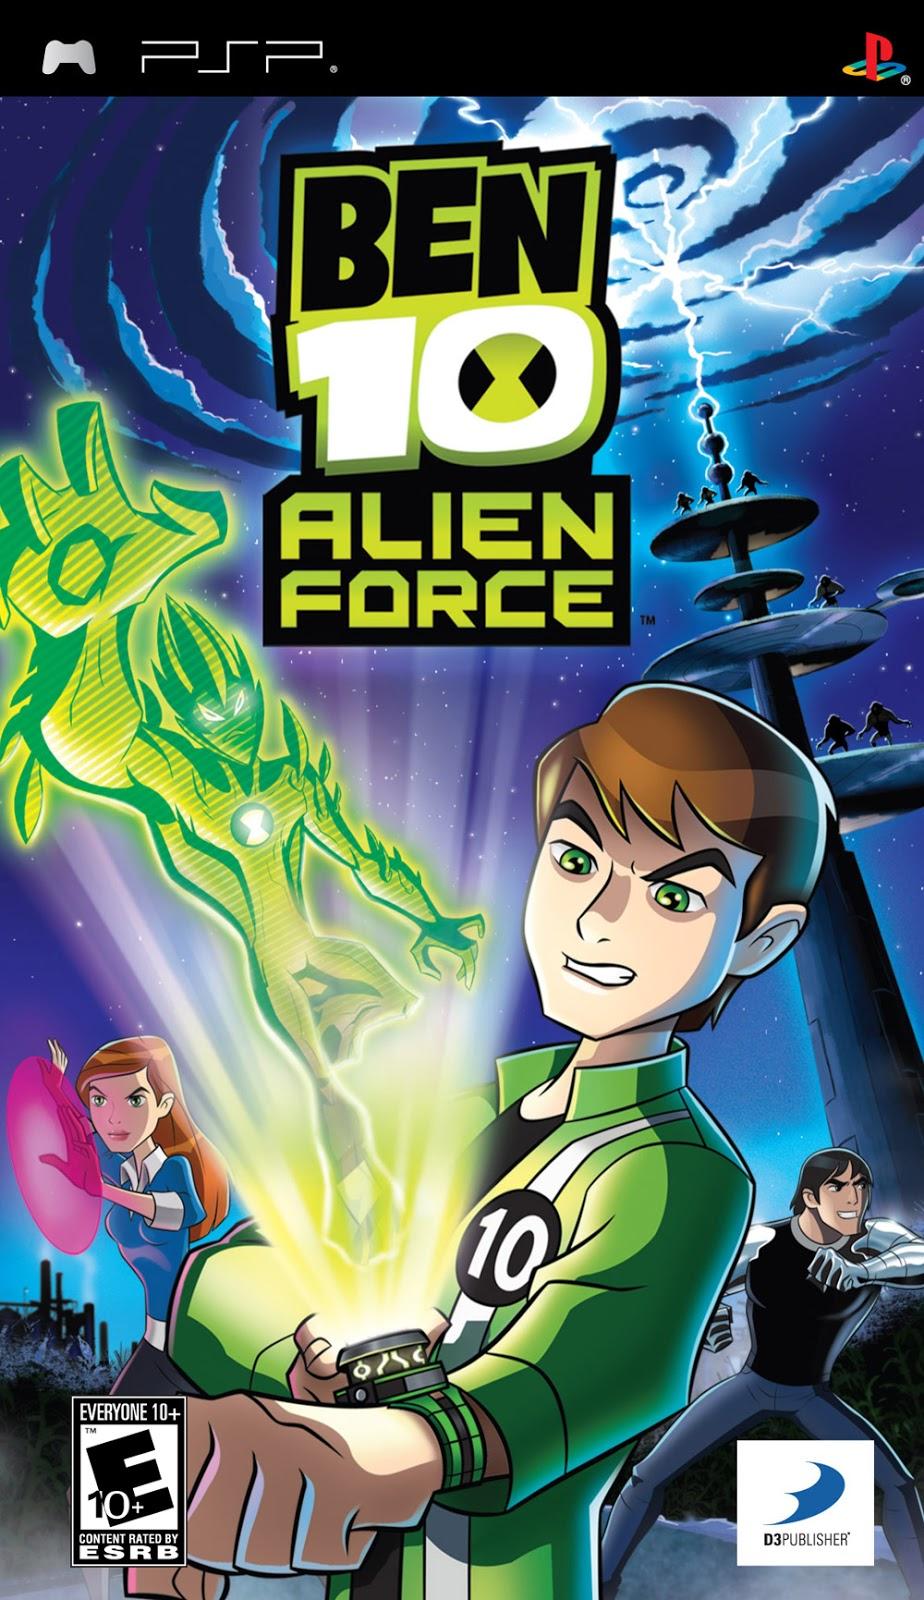 Ben 10 Alien Force: Vilgax Attacks DS Cheats - Neoseeker